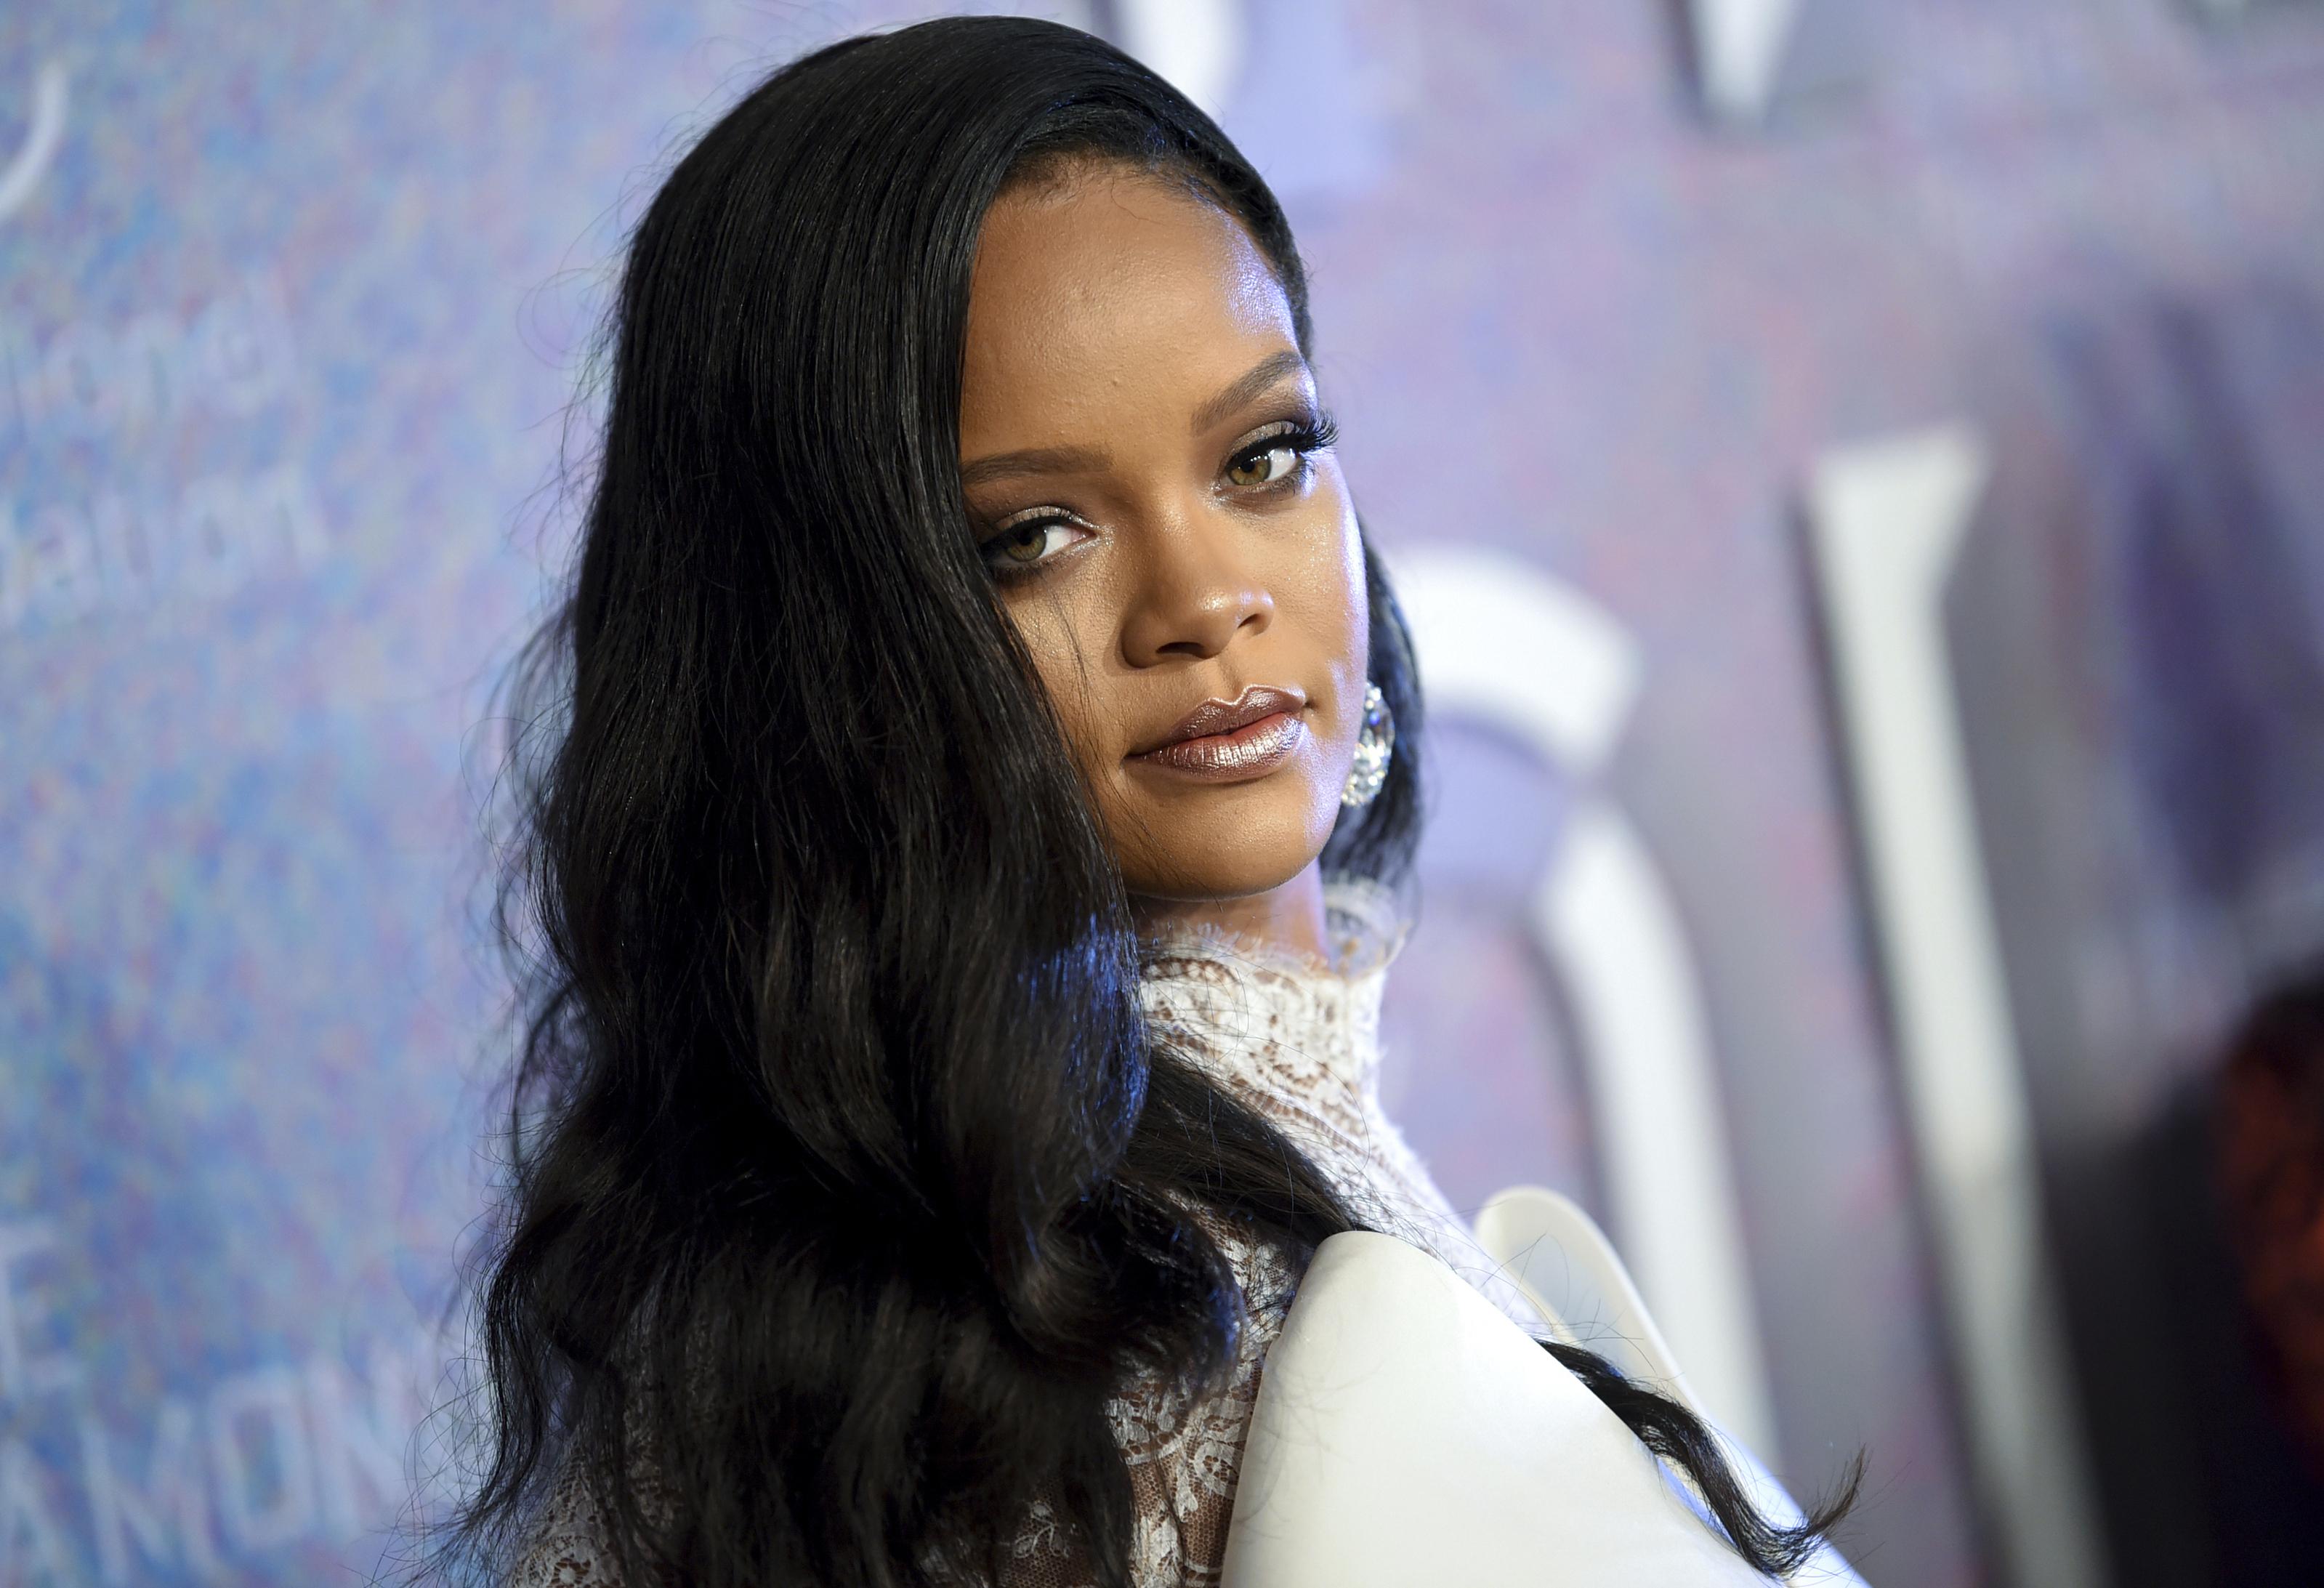 Rihanna Breaks Barriers Joins Luxury Group Lvmh To Launch Fenty Fashion Line Npr